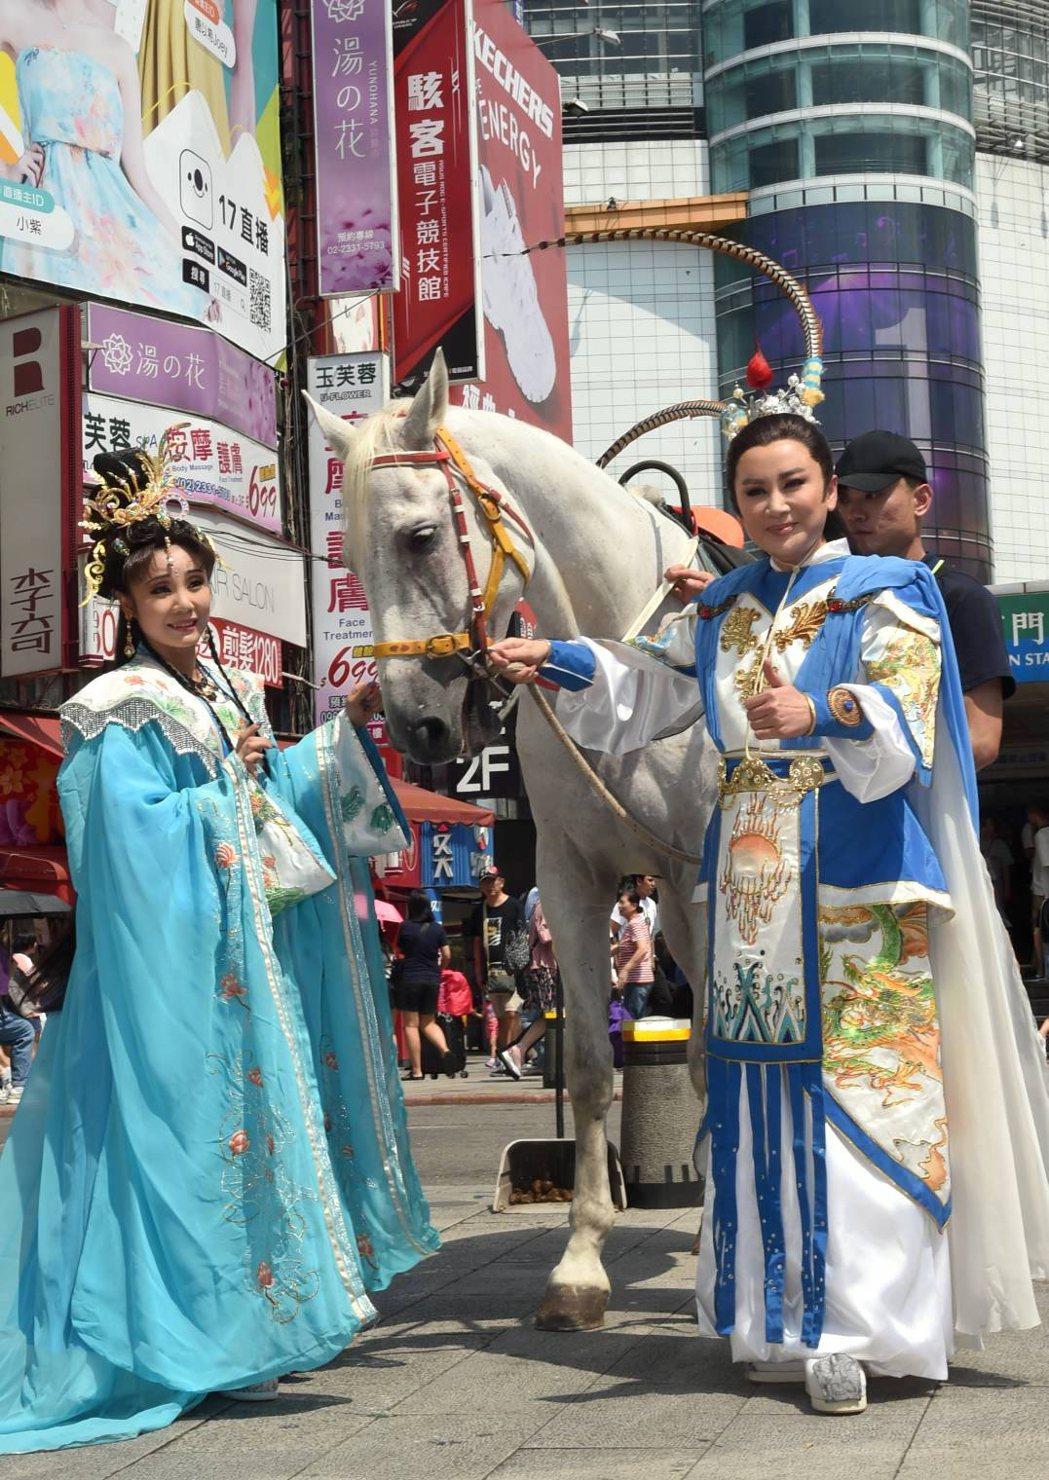 陳亞蘭(右)與林佩儀到西門町為楊麗花歌仔戲「忠孝節義」造勢。圖/麗生百合提供